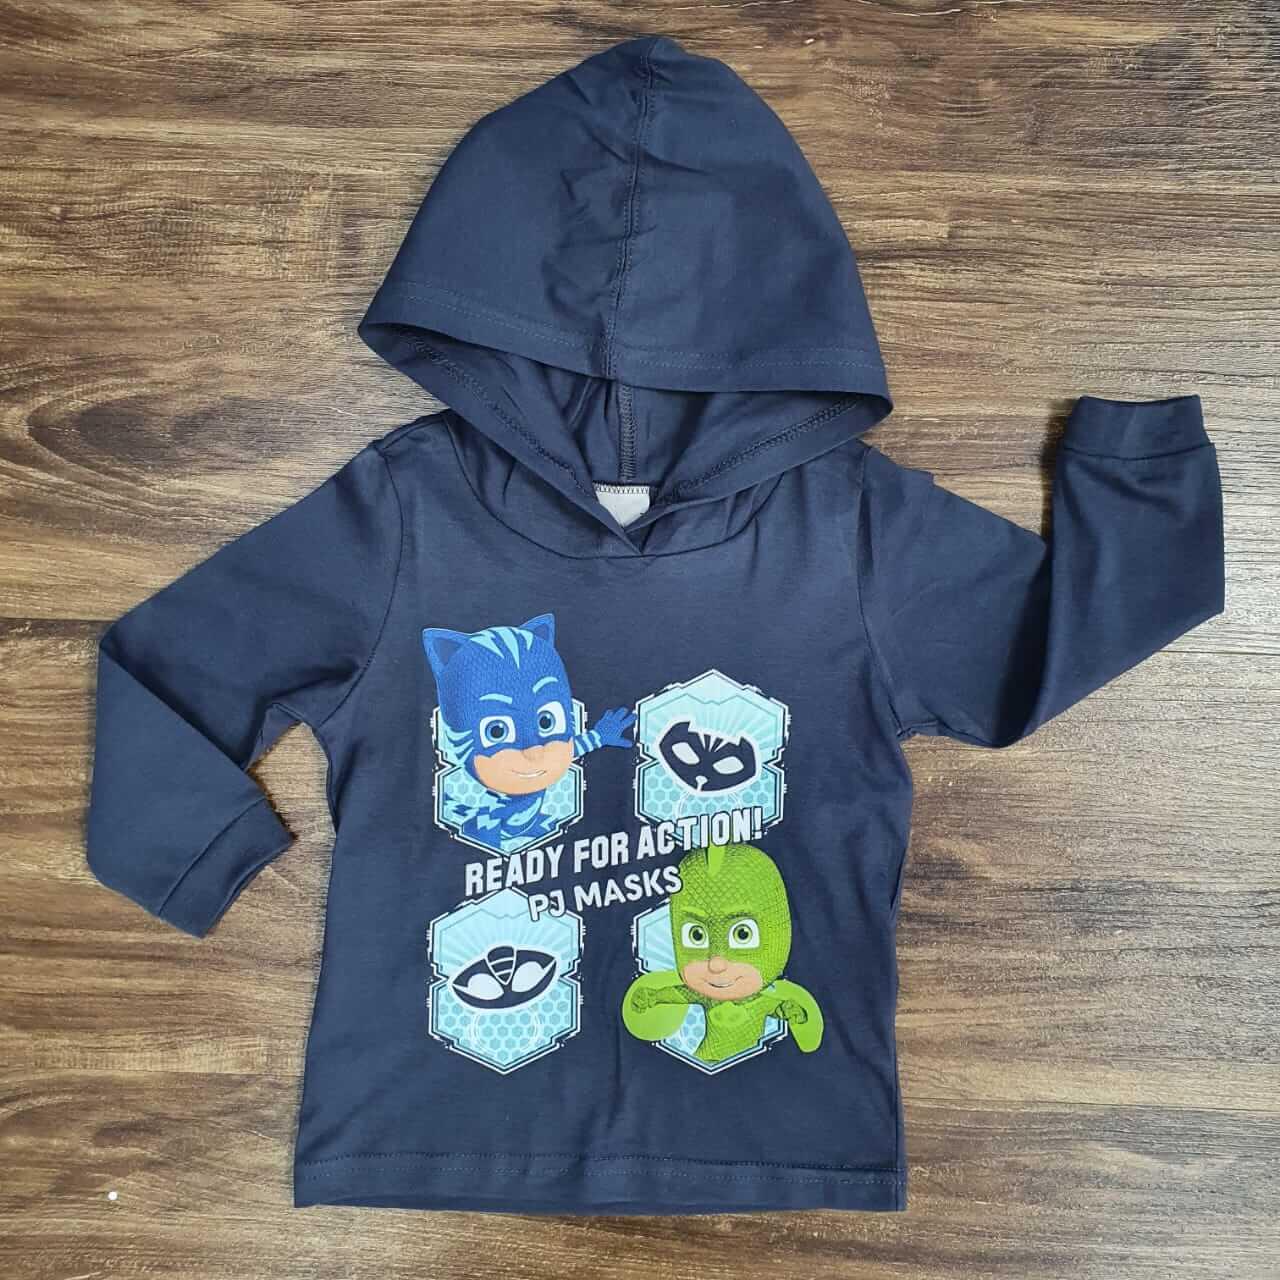 Camiseta Manga Longa com Capuz Pj Masks Infantil